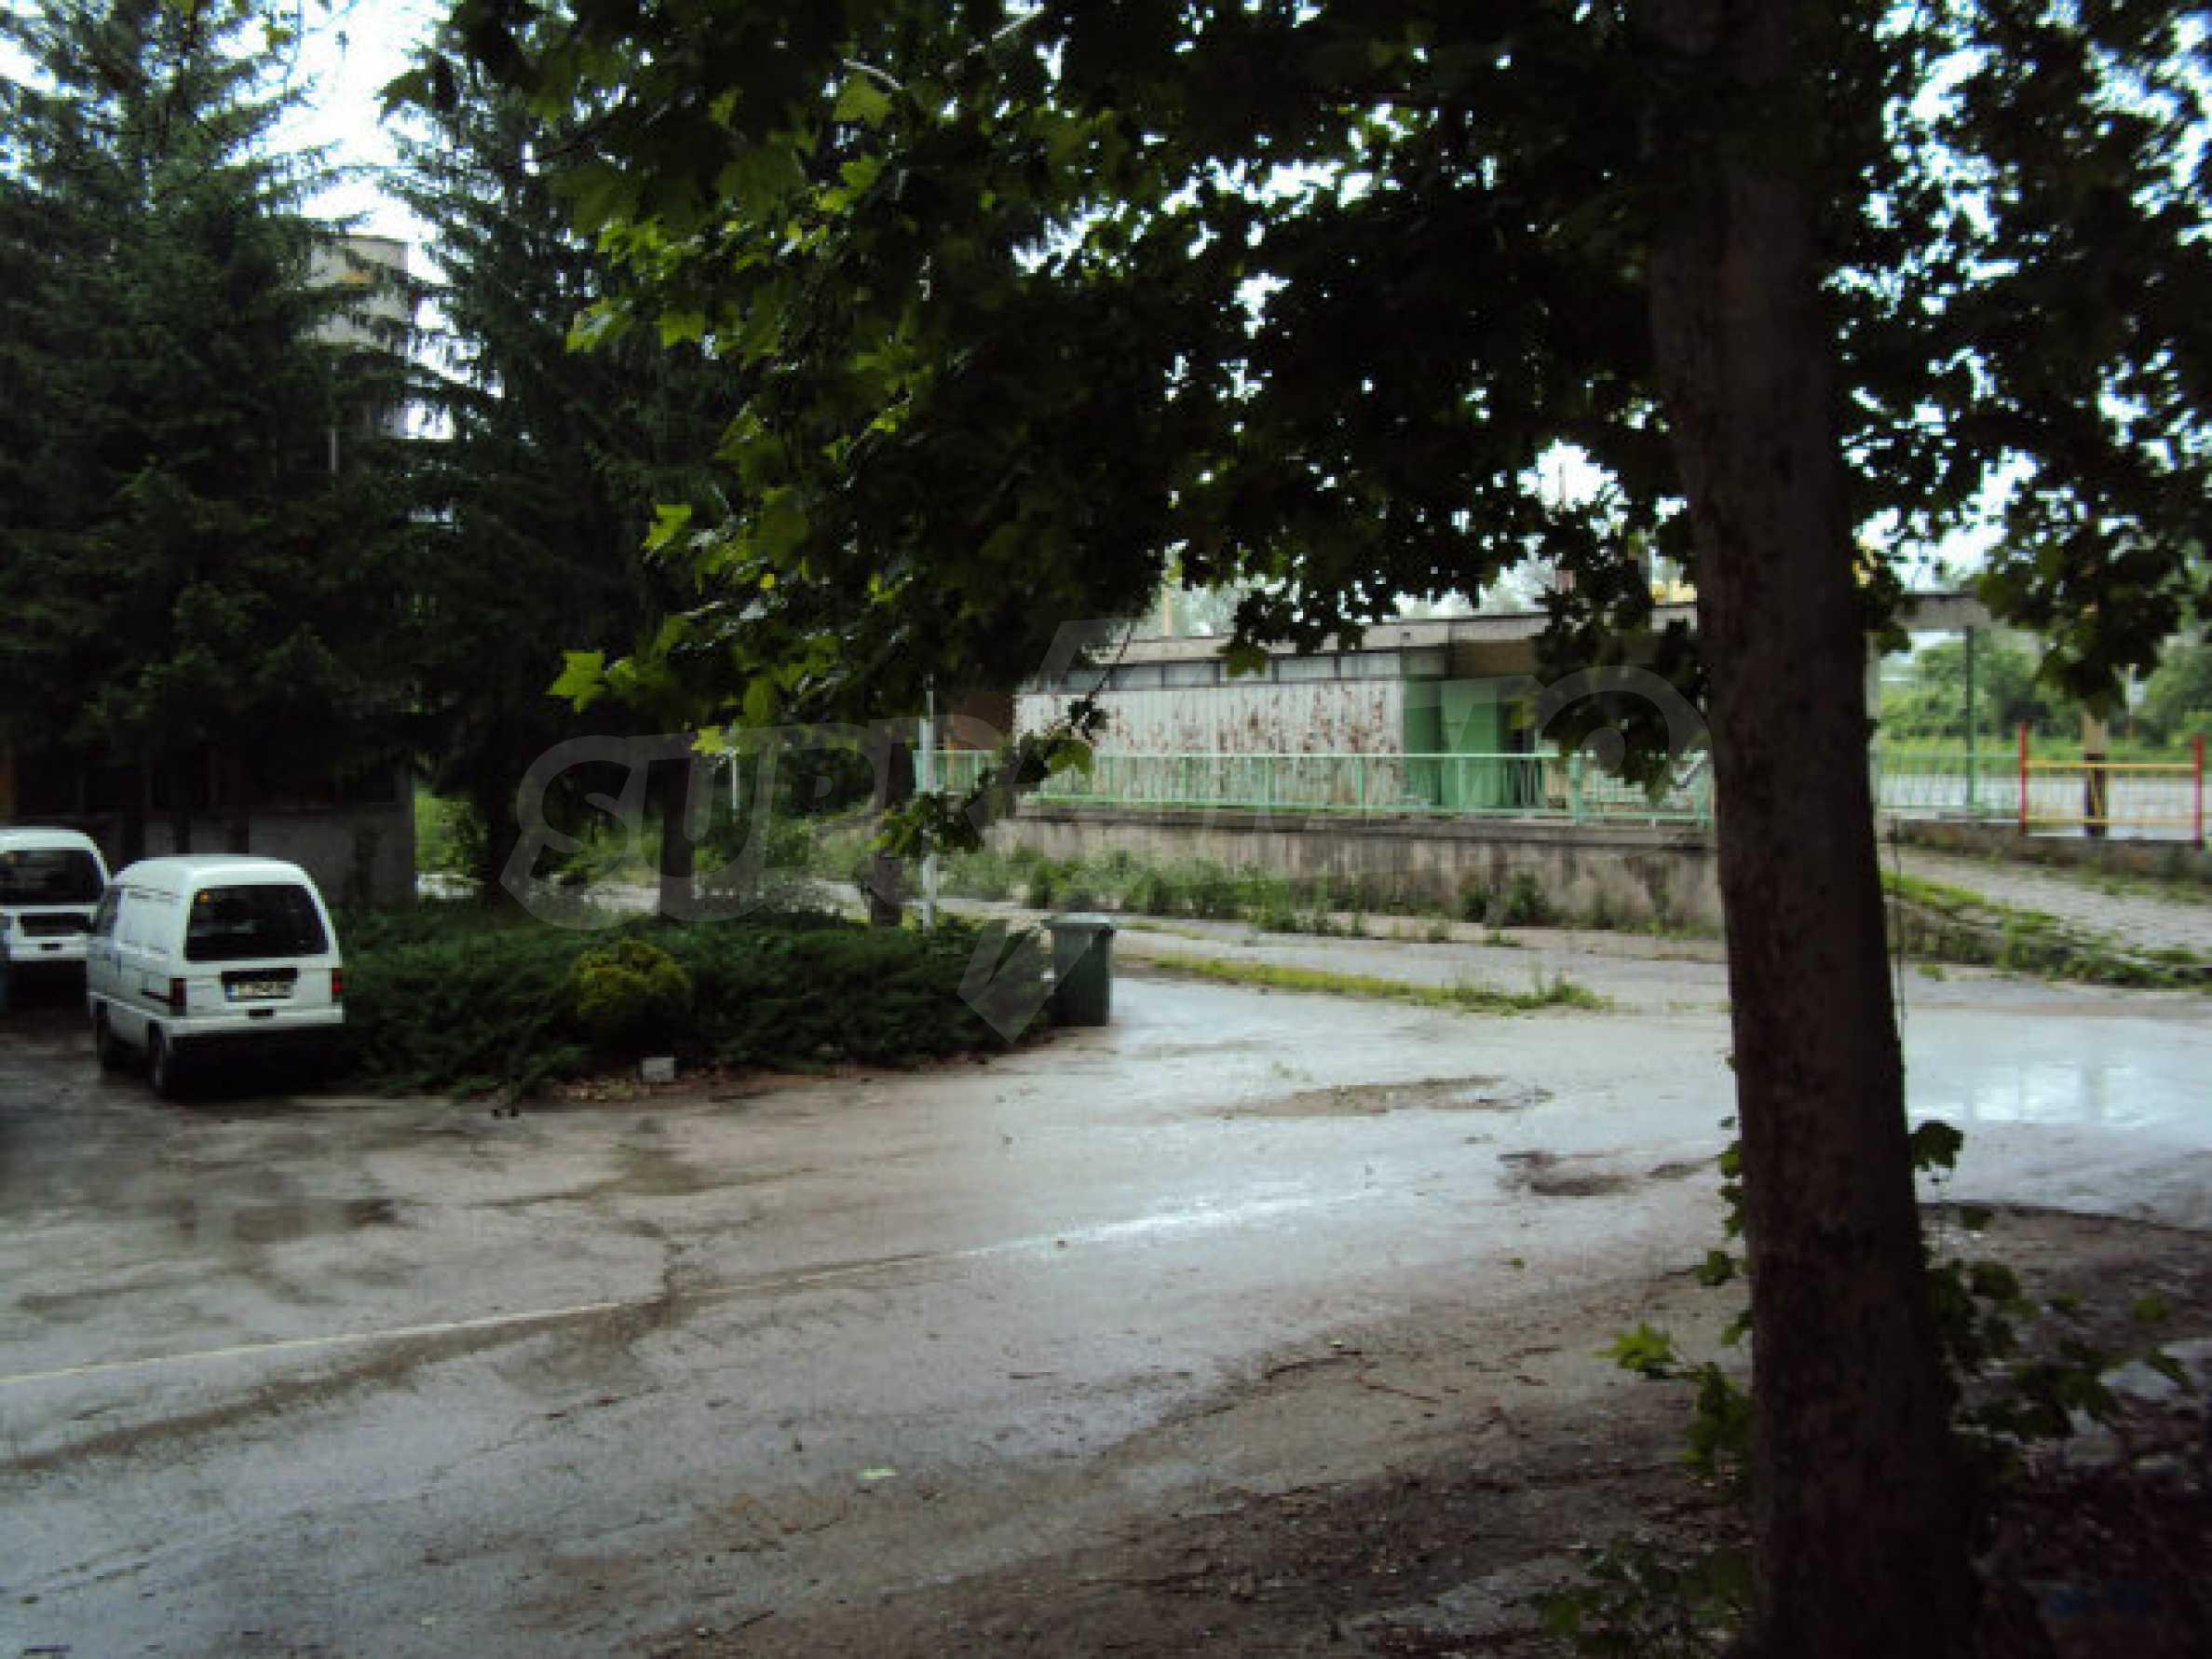 Factory for metal parts in Veliko Tarnovo 64